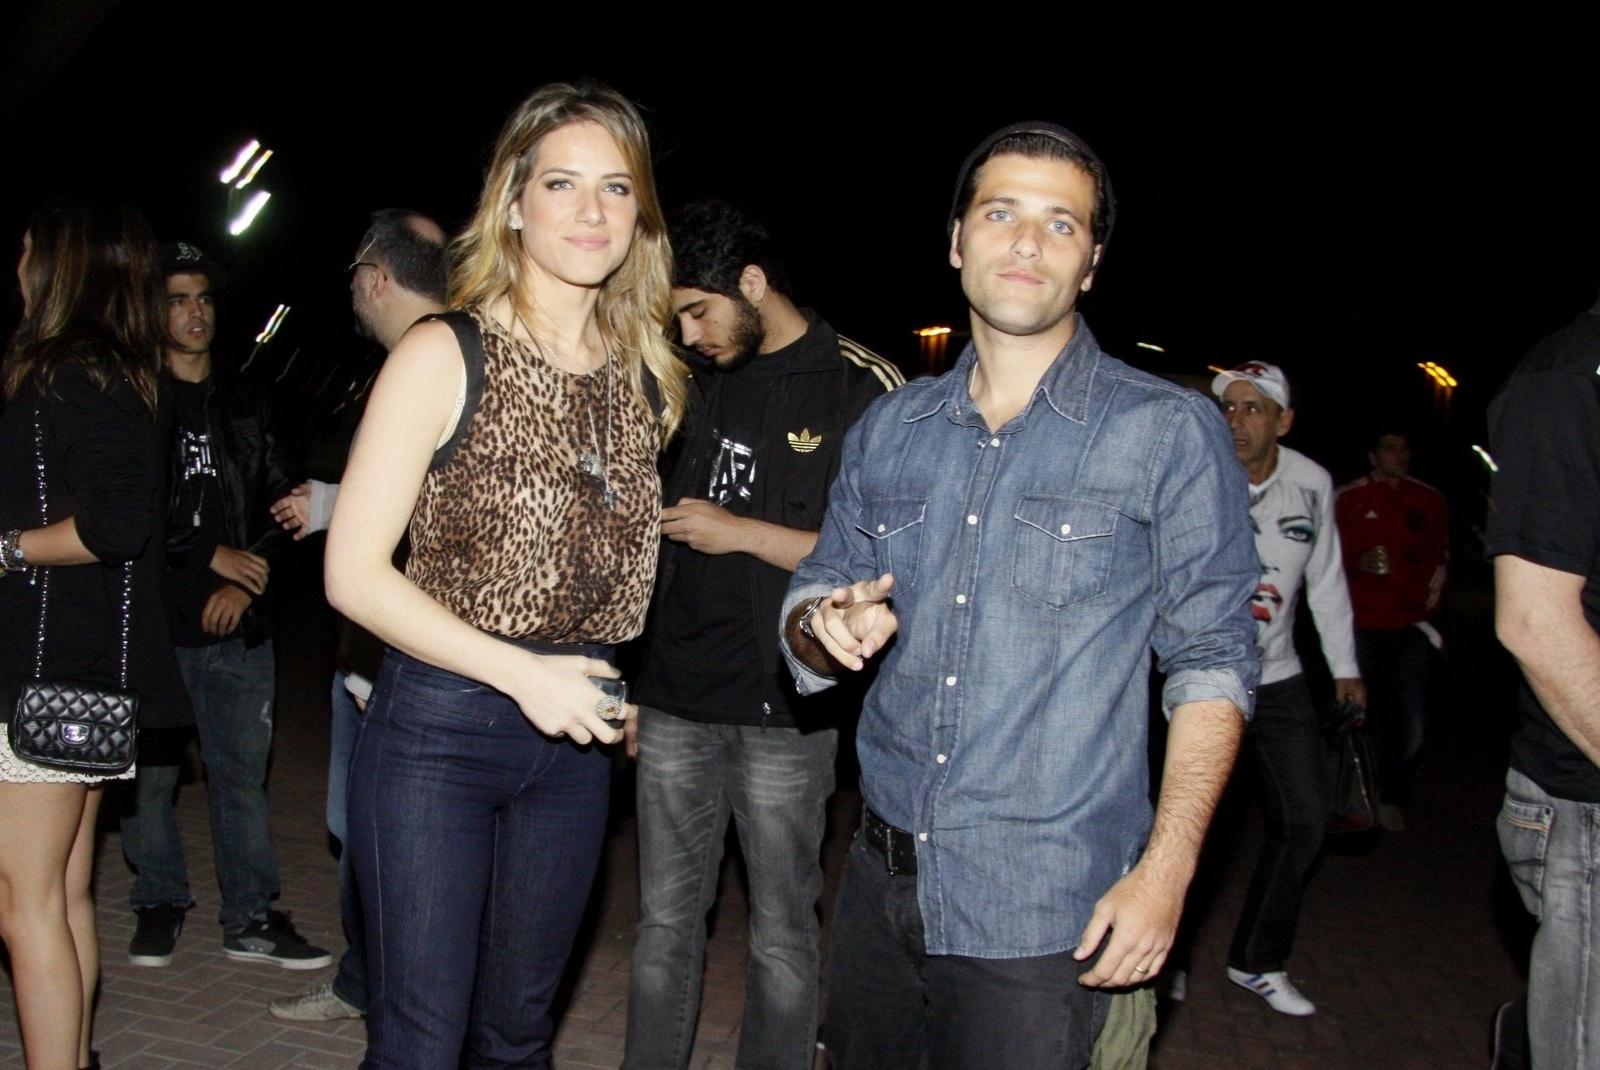 Gionnava Ewbank e Bruno Gagliasso é mais um casal que veio prestigiar o evento UFC Rio, em que atletas lutam na modalidade MMA - artes marciais mistas